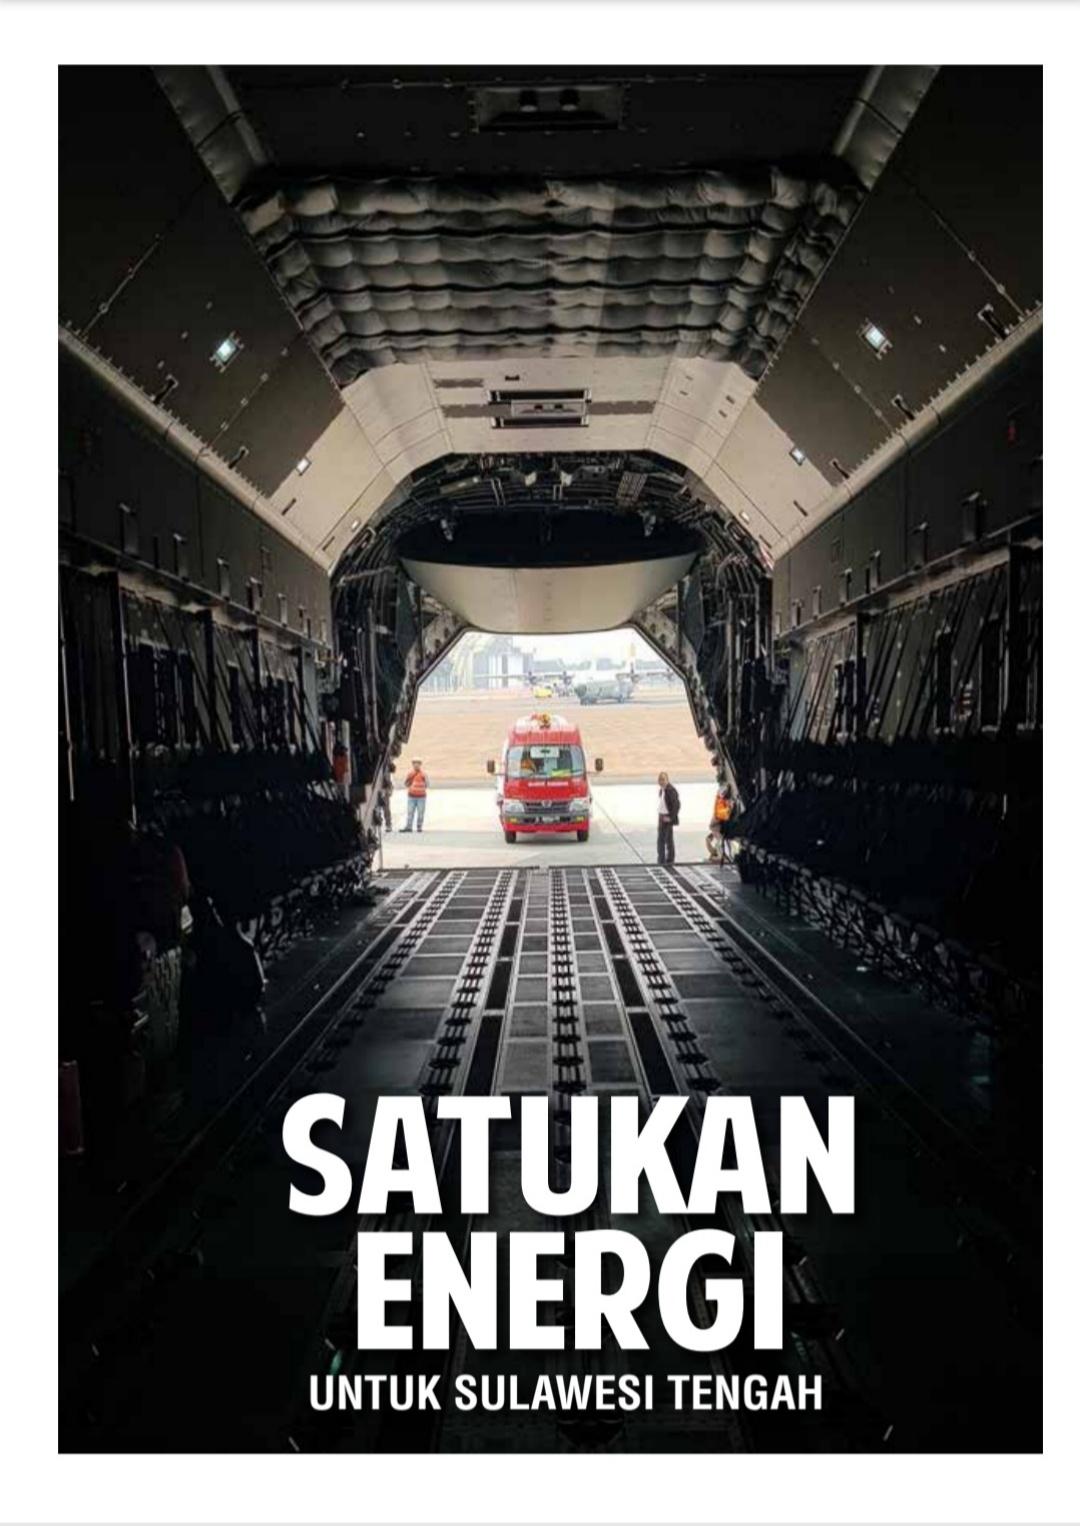 SATUKAN ENERGI UNTUK SULAWESI TENGAH